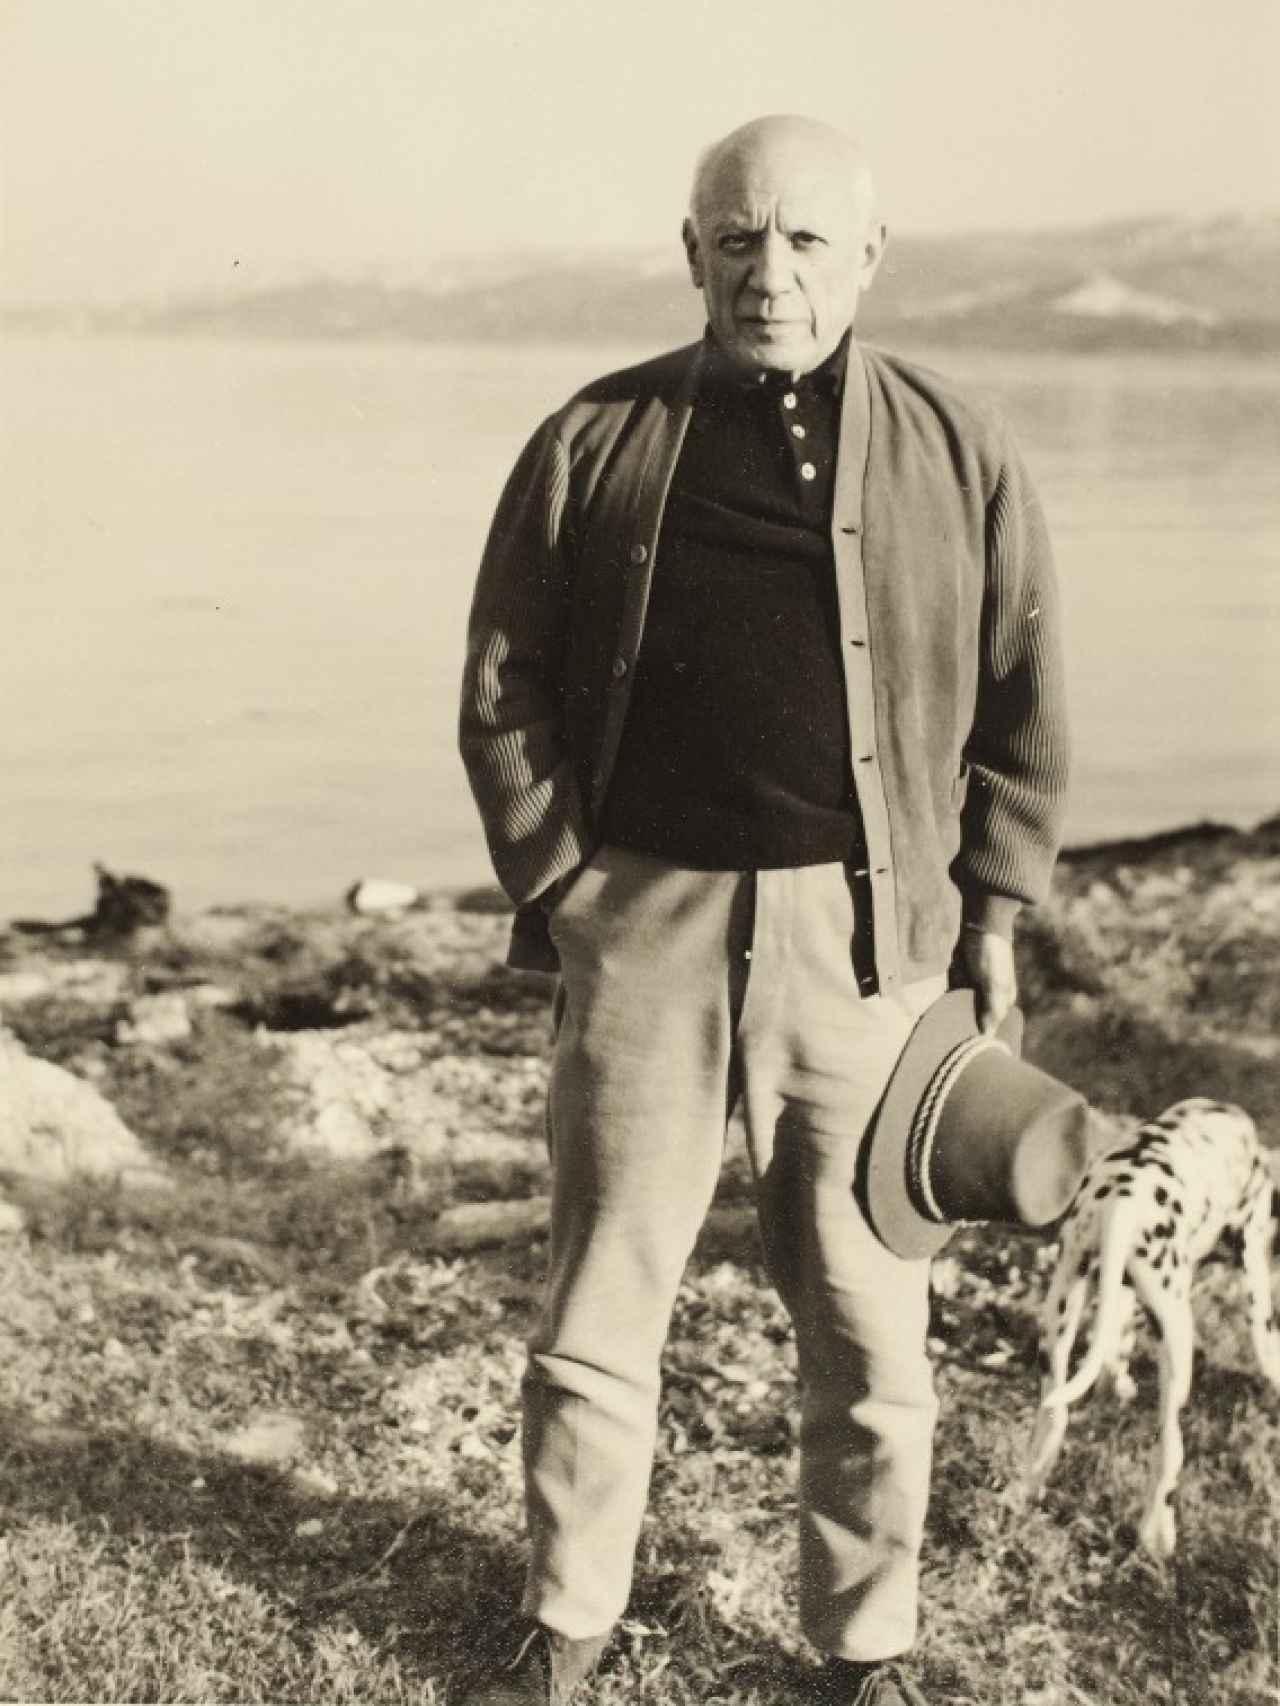 Picasso con perro, en 1955.